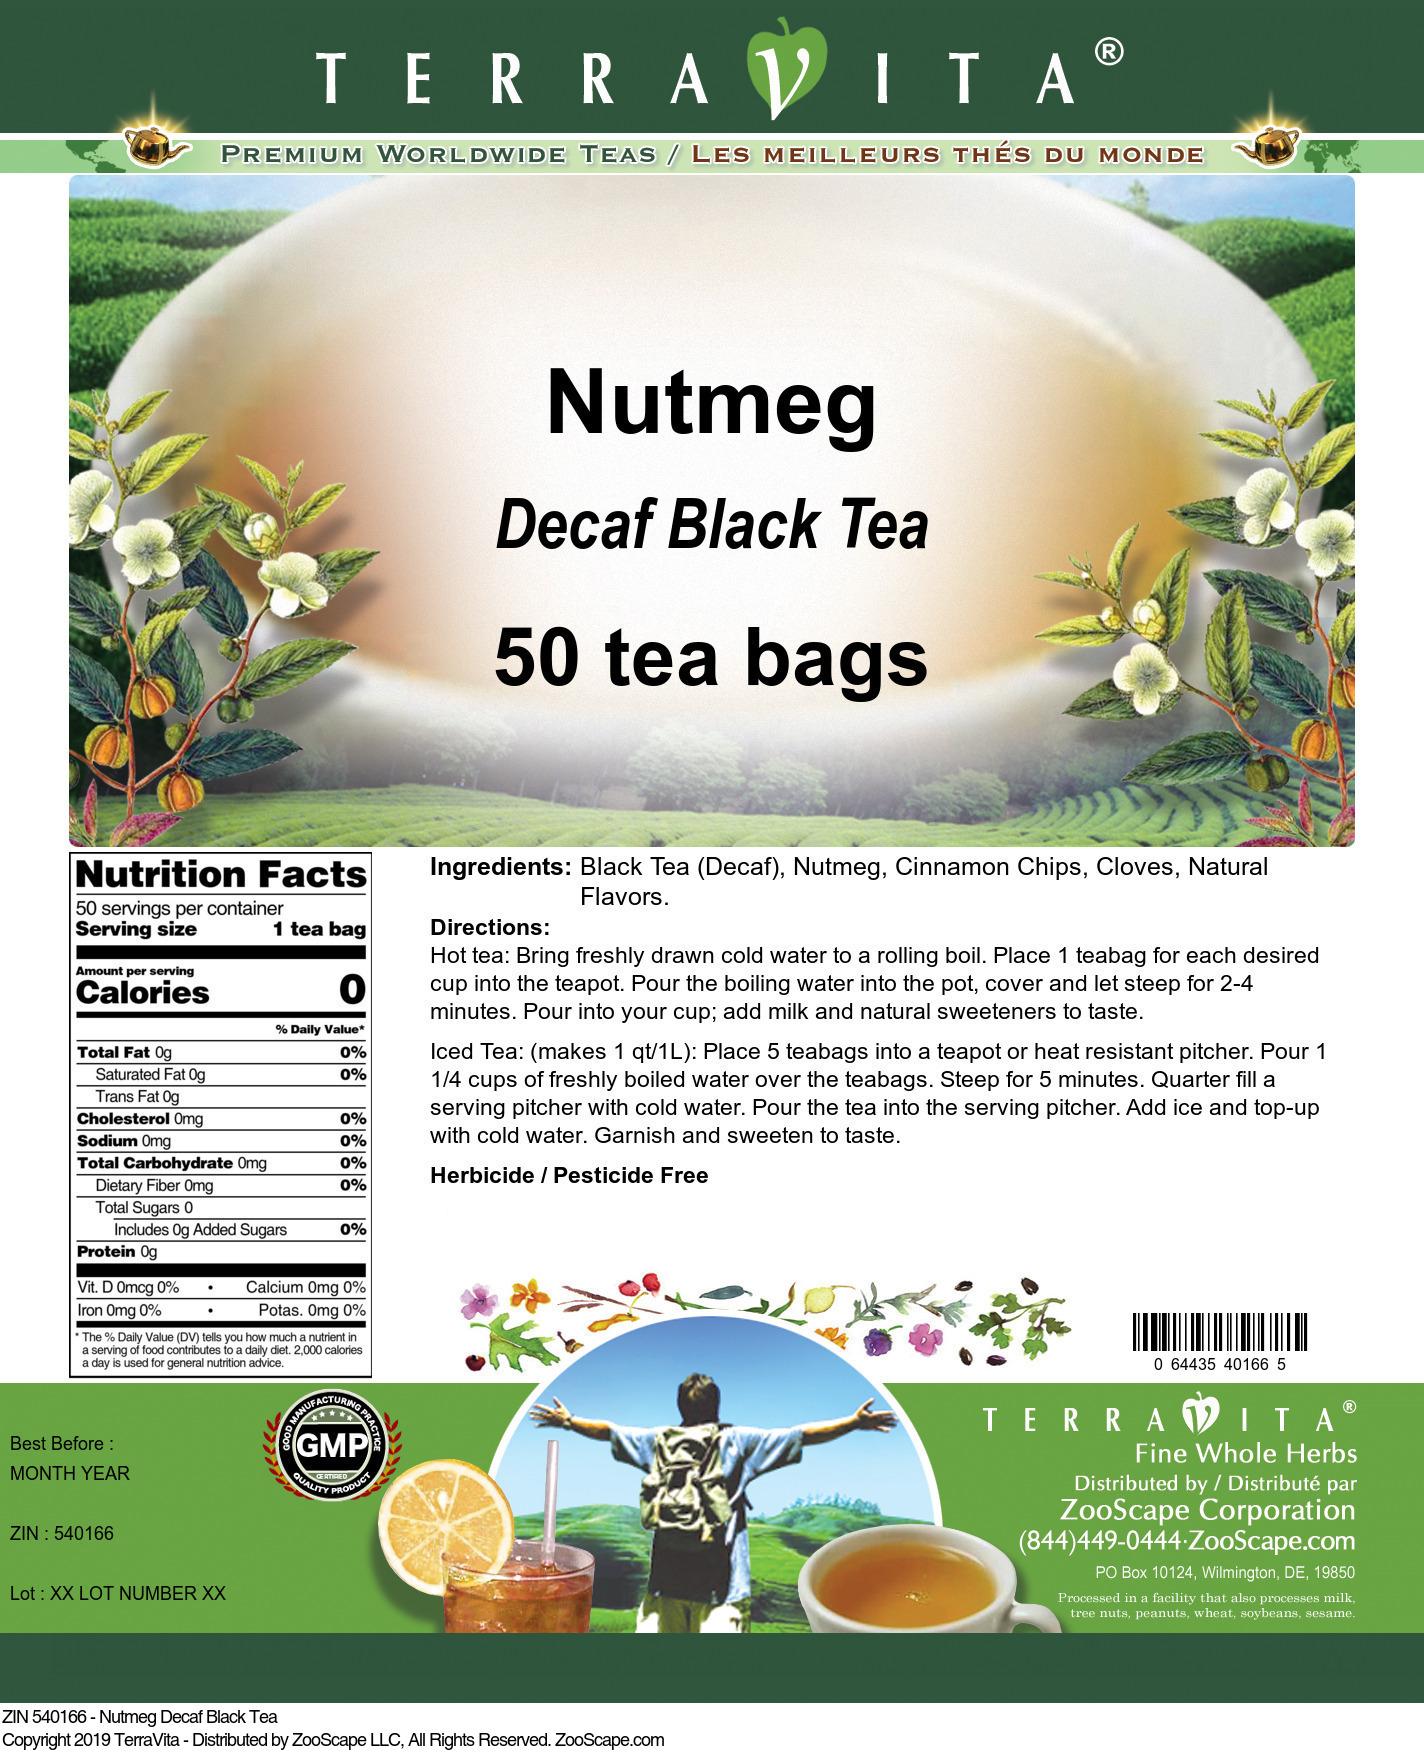 Nutmeg Decaf Black Tea